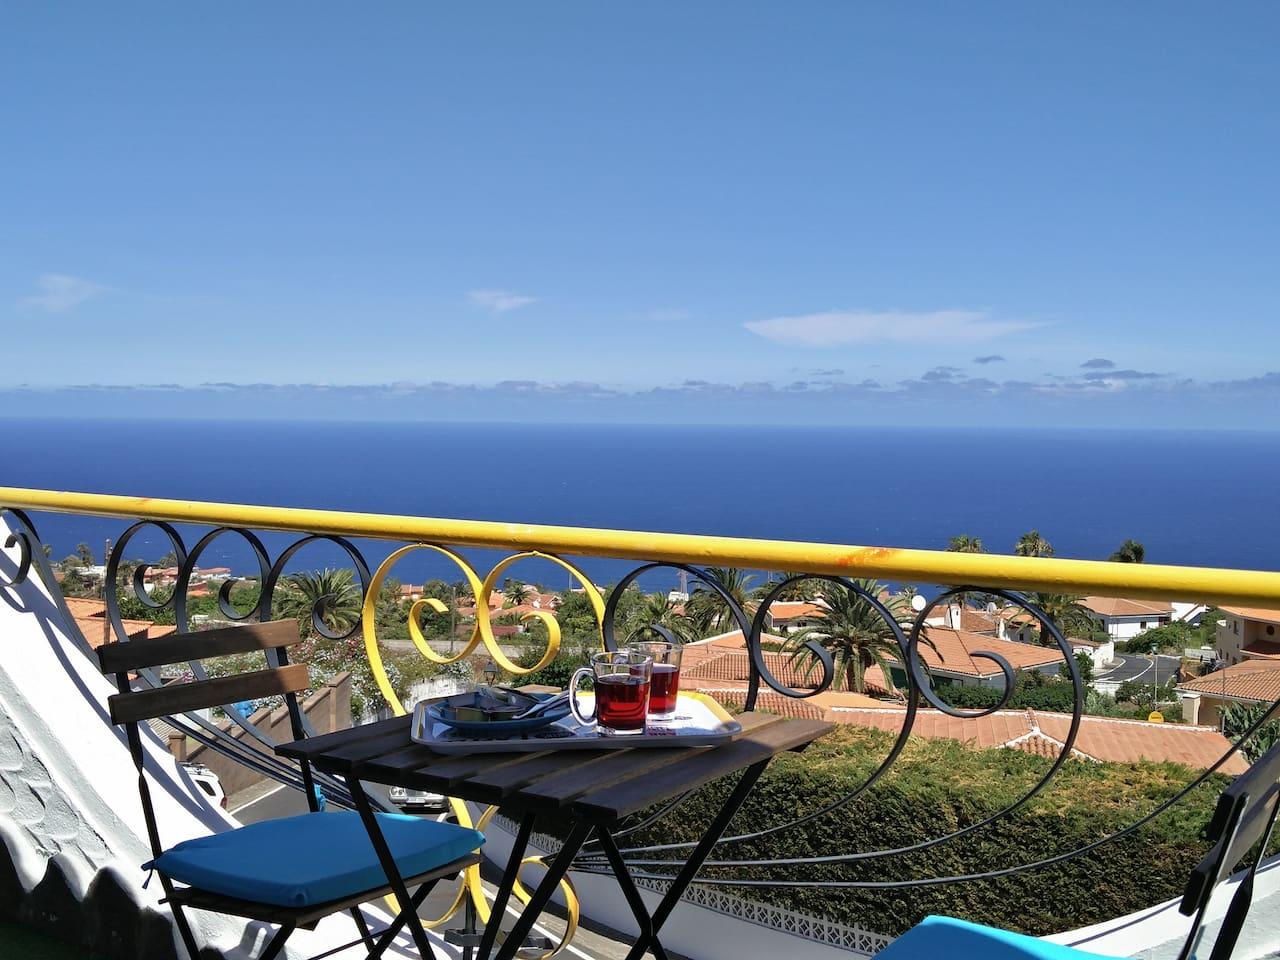 Agradable terraza con vistas